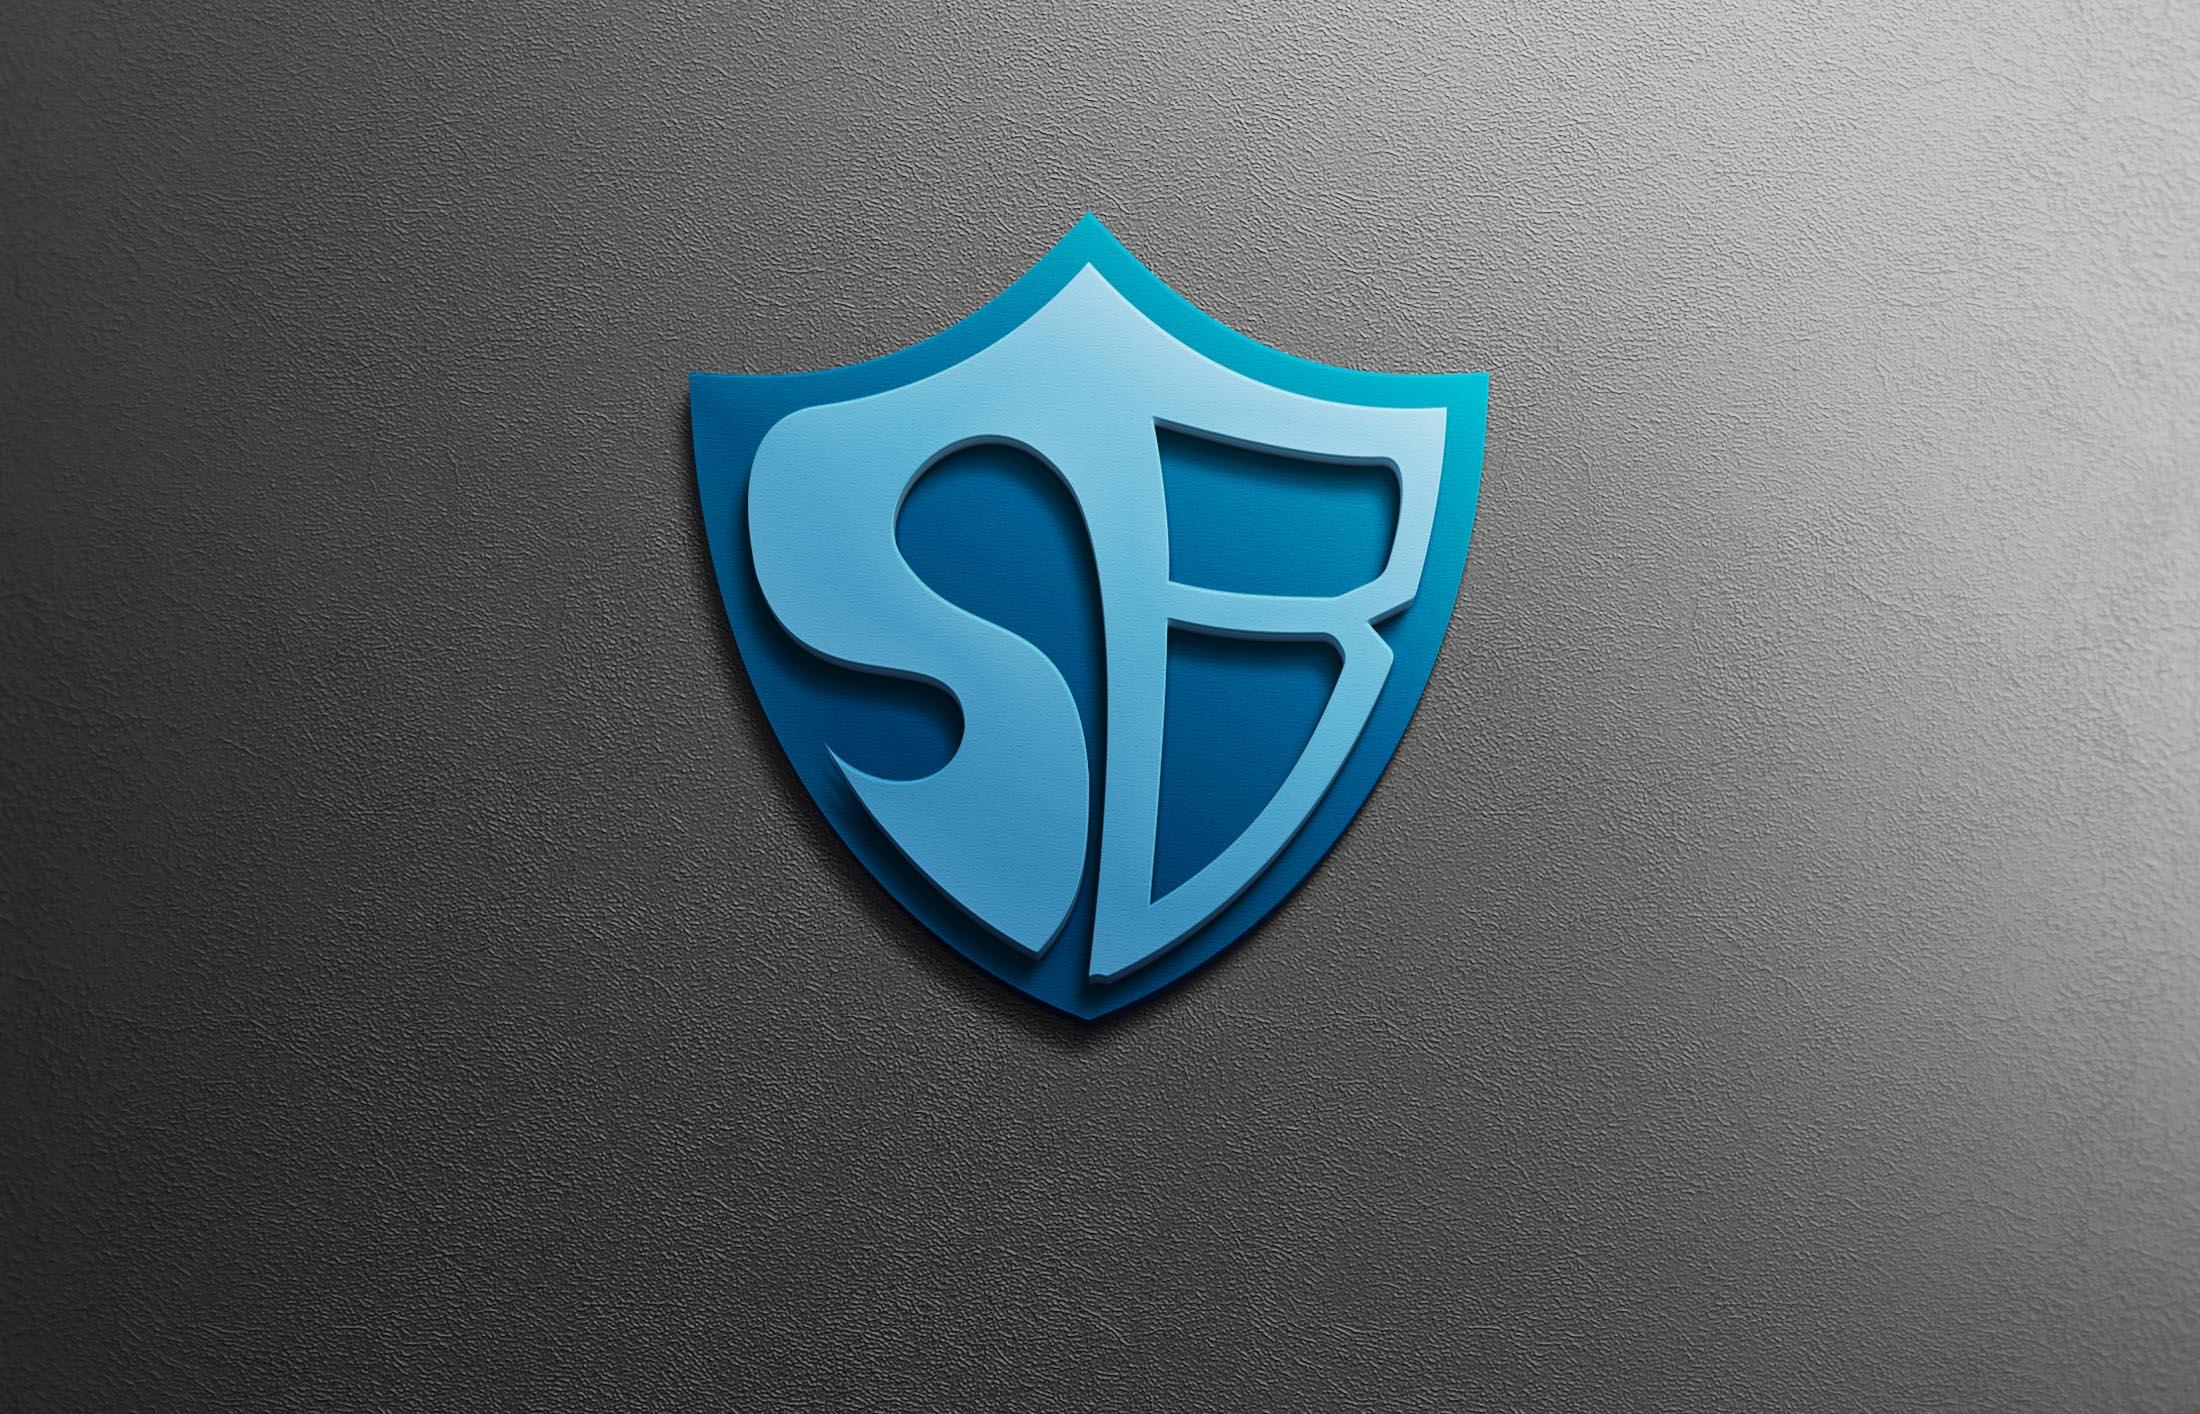 Логотип + Визитка Портала безопасных сделок фото f_523535d84c9d5e81.jpg